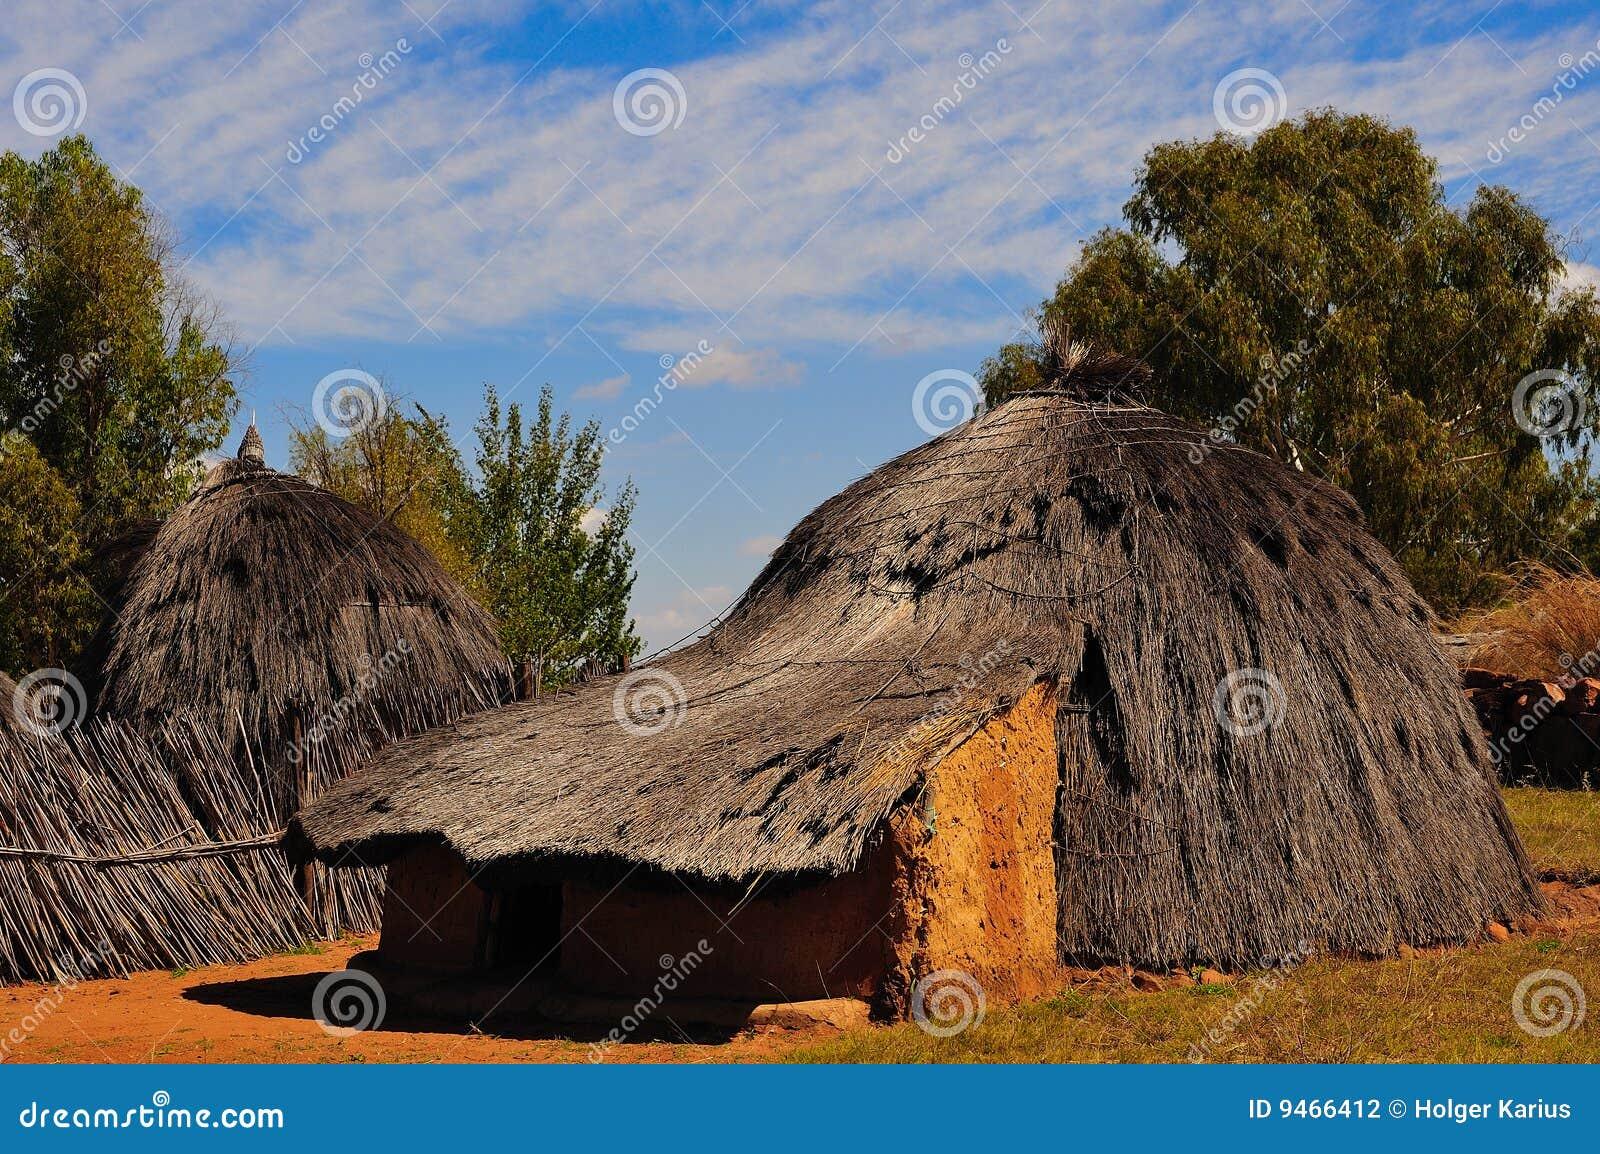 Africa rondavel południe